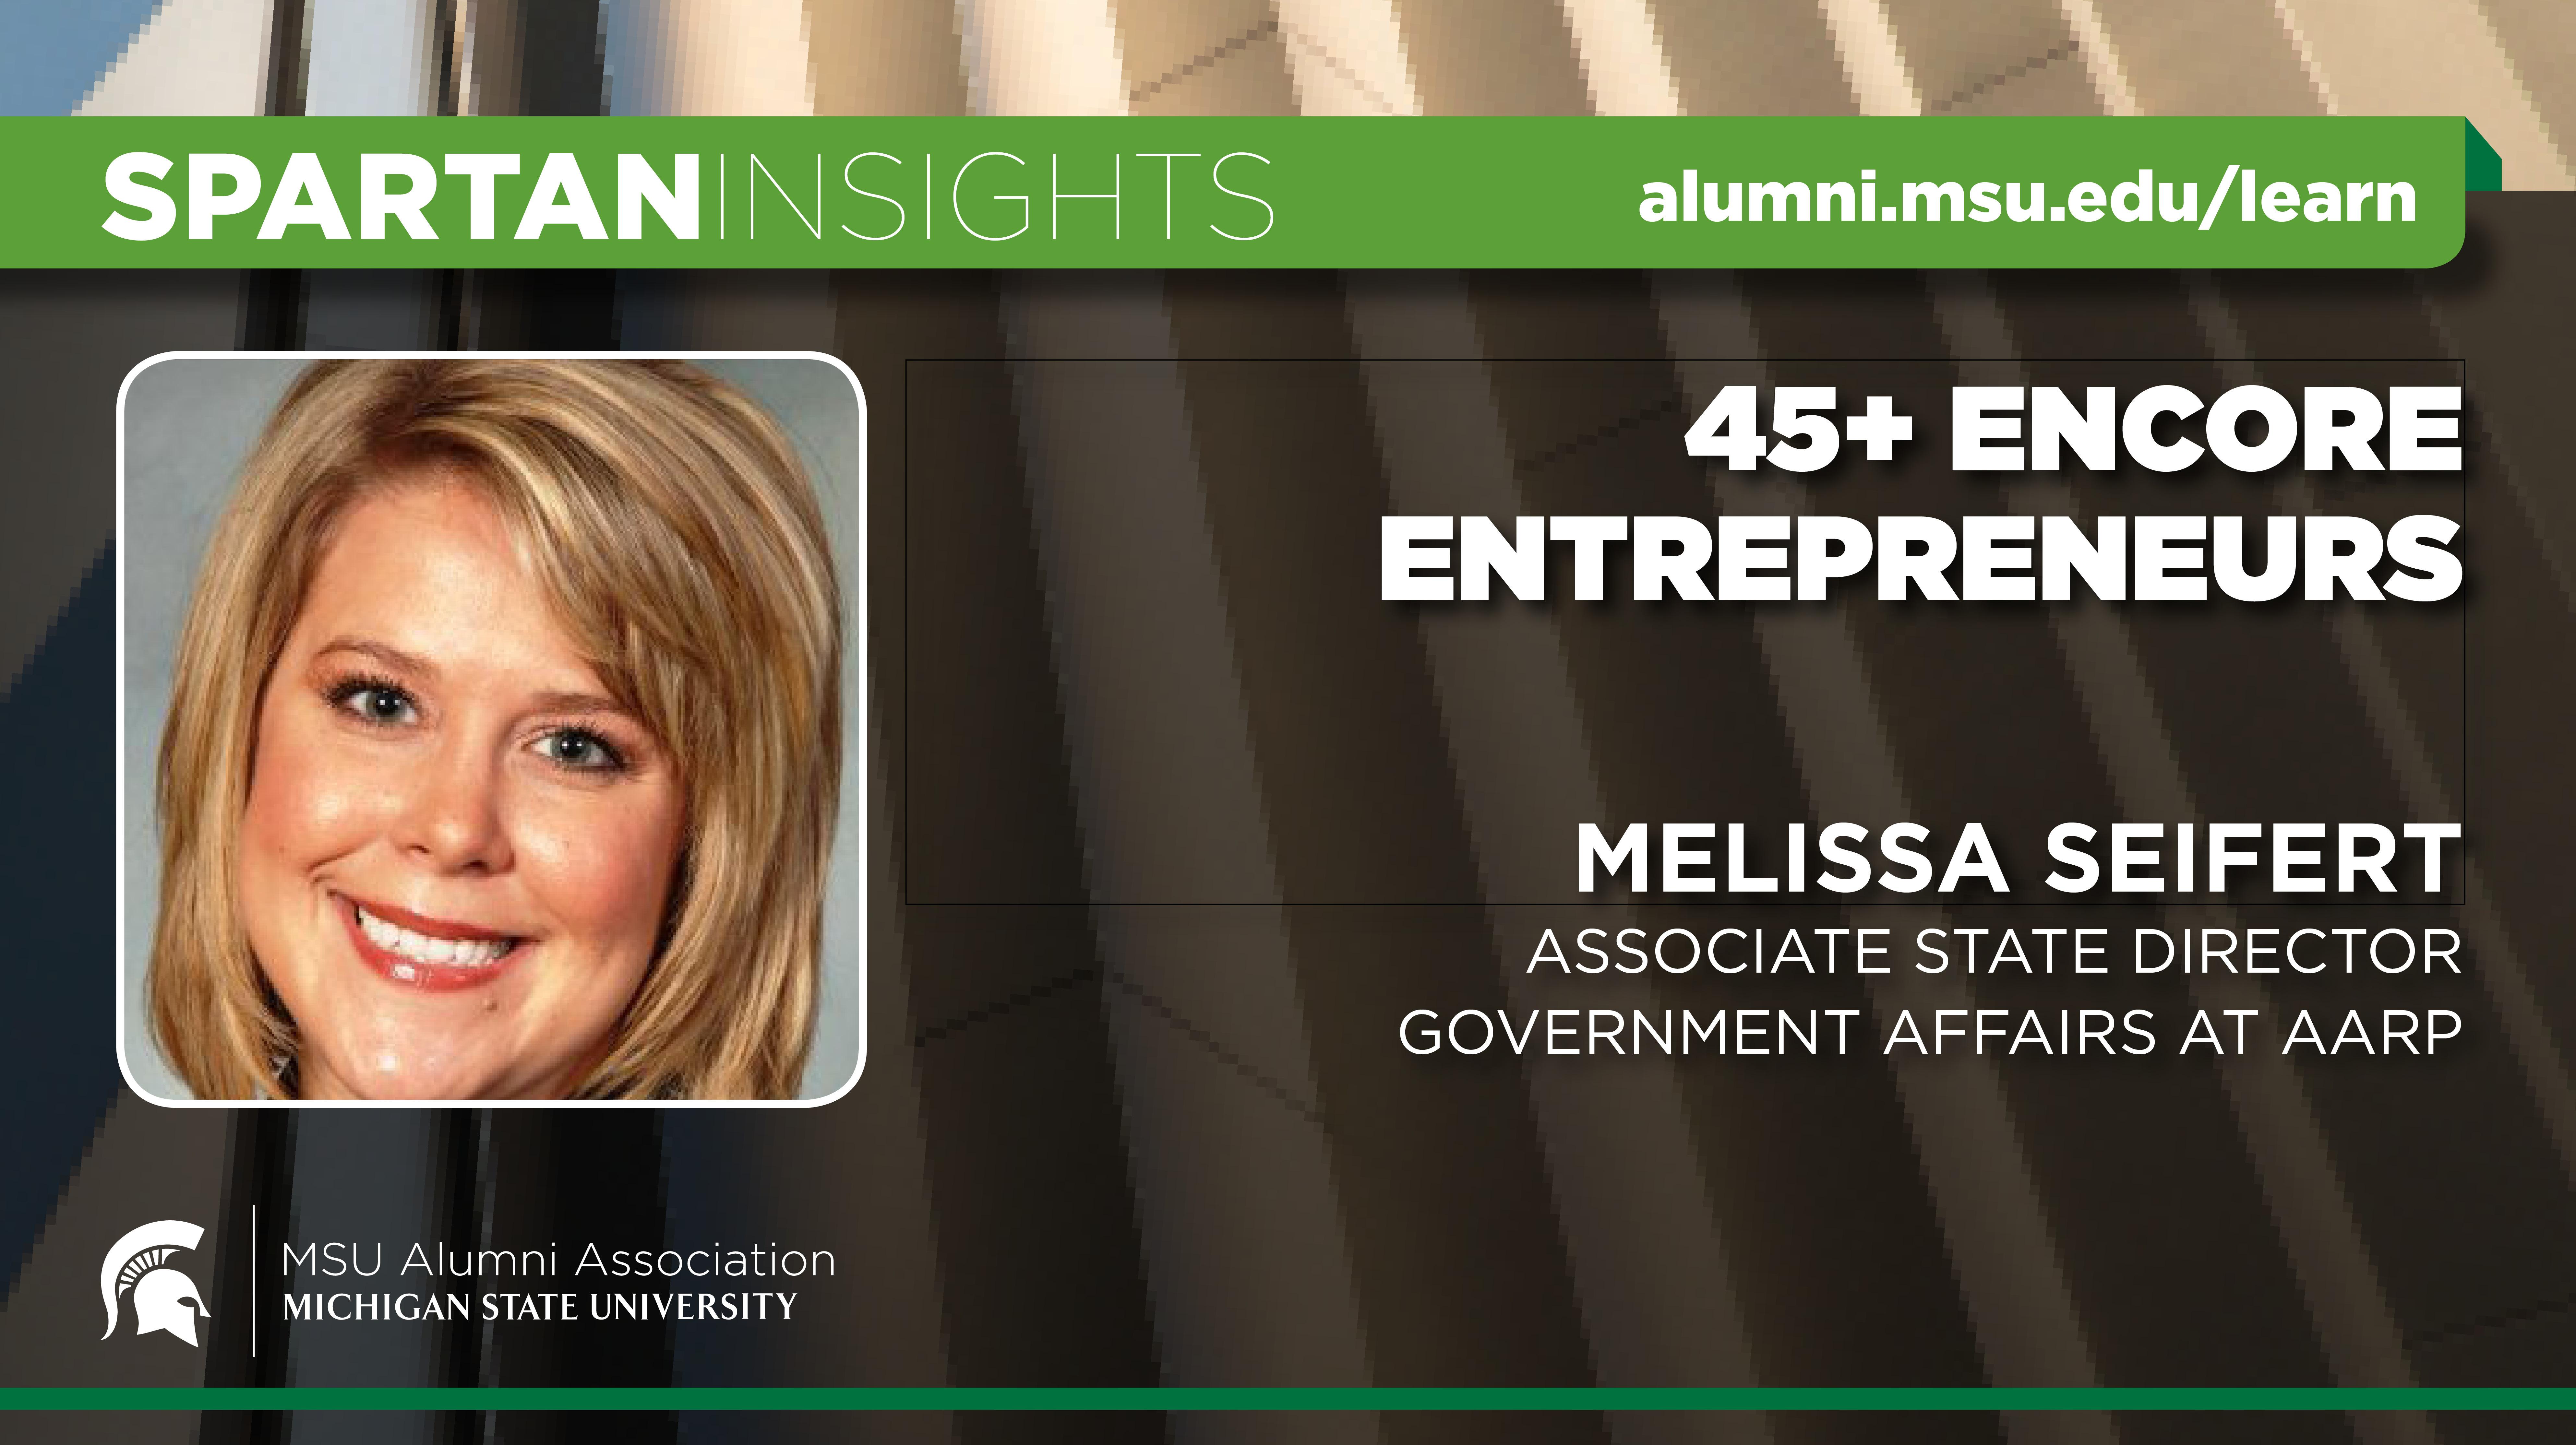 webinar cover image for Melissa Seifert | 45+ Encore Entrepreneurs